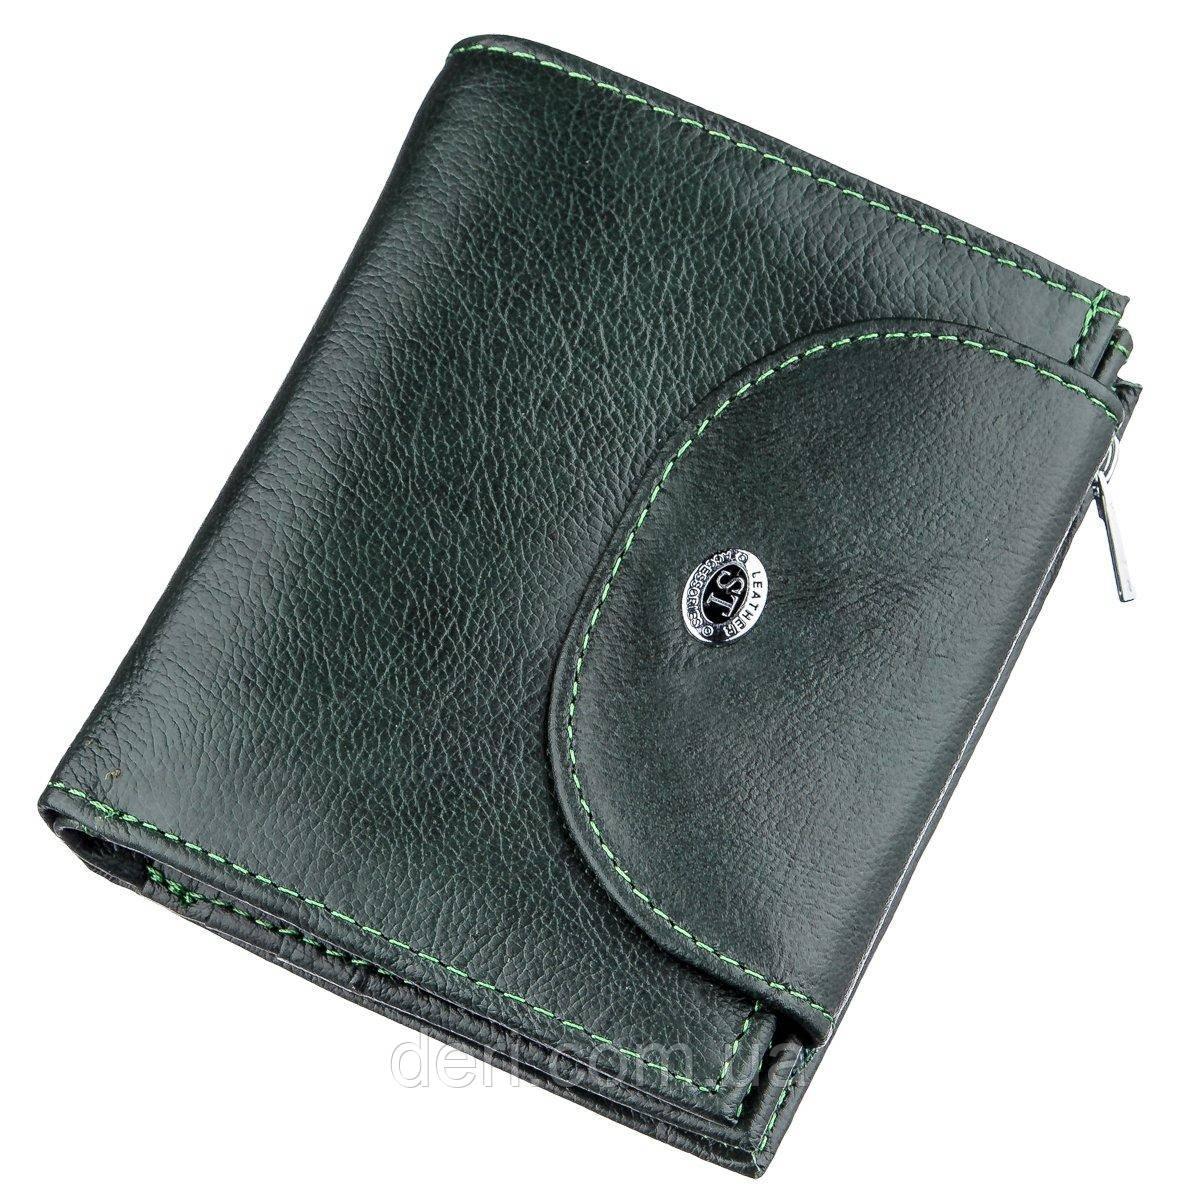 Кошелек женский кожаный ST Leather 18958 Зеленый, Зеленый